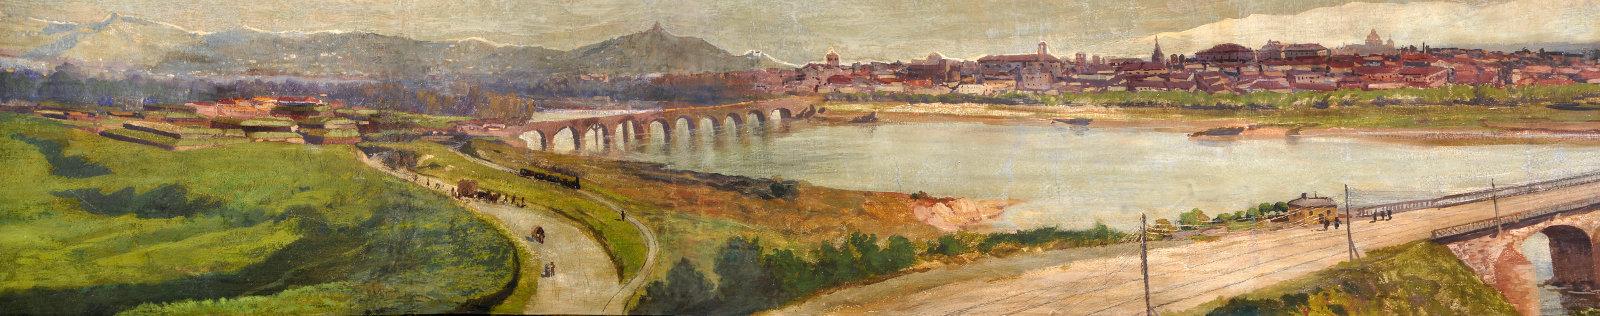 Immagine testata: particolare foto affresco Sassi 1887 - Palazzo Comunale